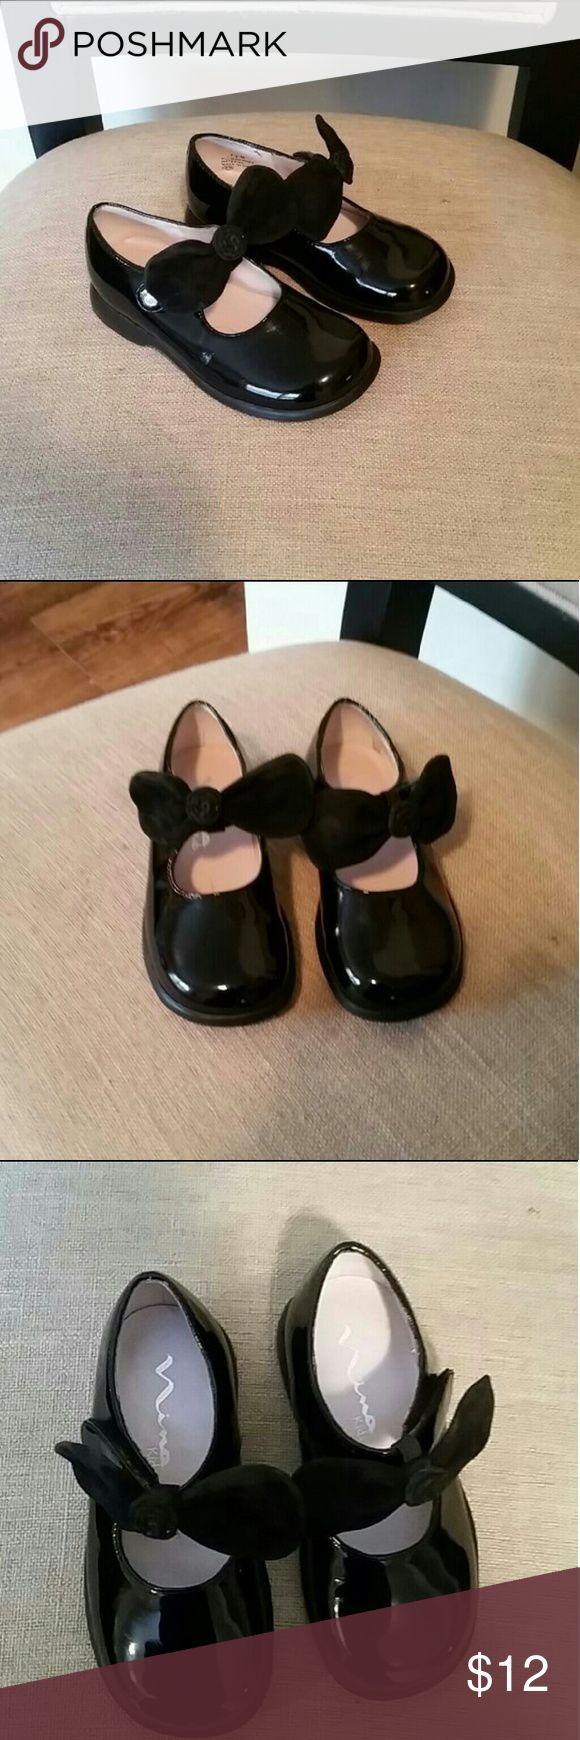 FINAL SALE!!!New Toddler Girls Dress Shoes sz.7.5 New Nina Dress Shoe sz.7.5  Toddler Girls  Color black Ret $39 FINAL SALE, PRICE FIRM!! Nina Shoes Dress Shoes